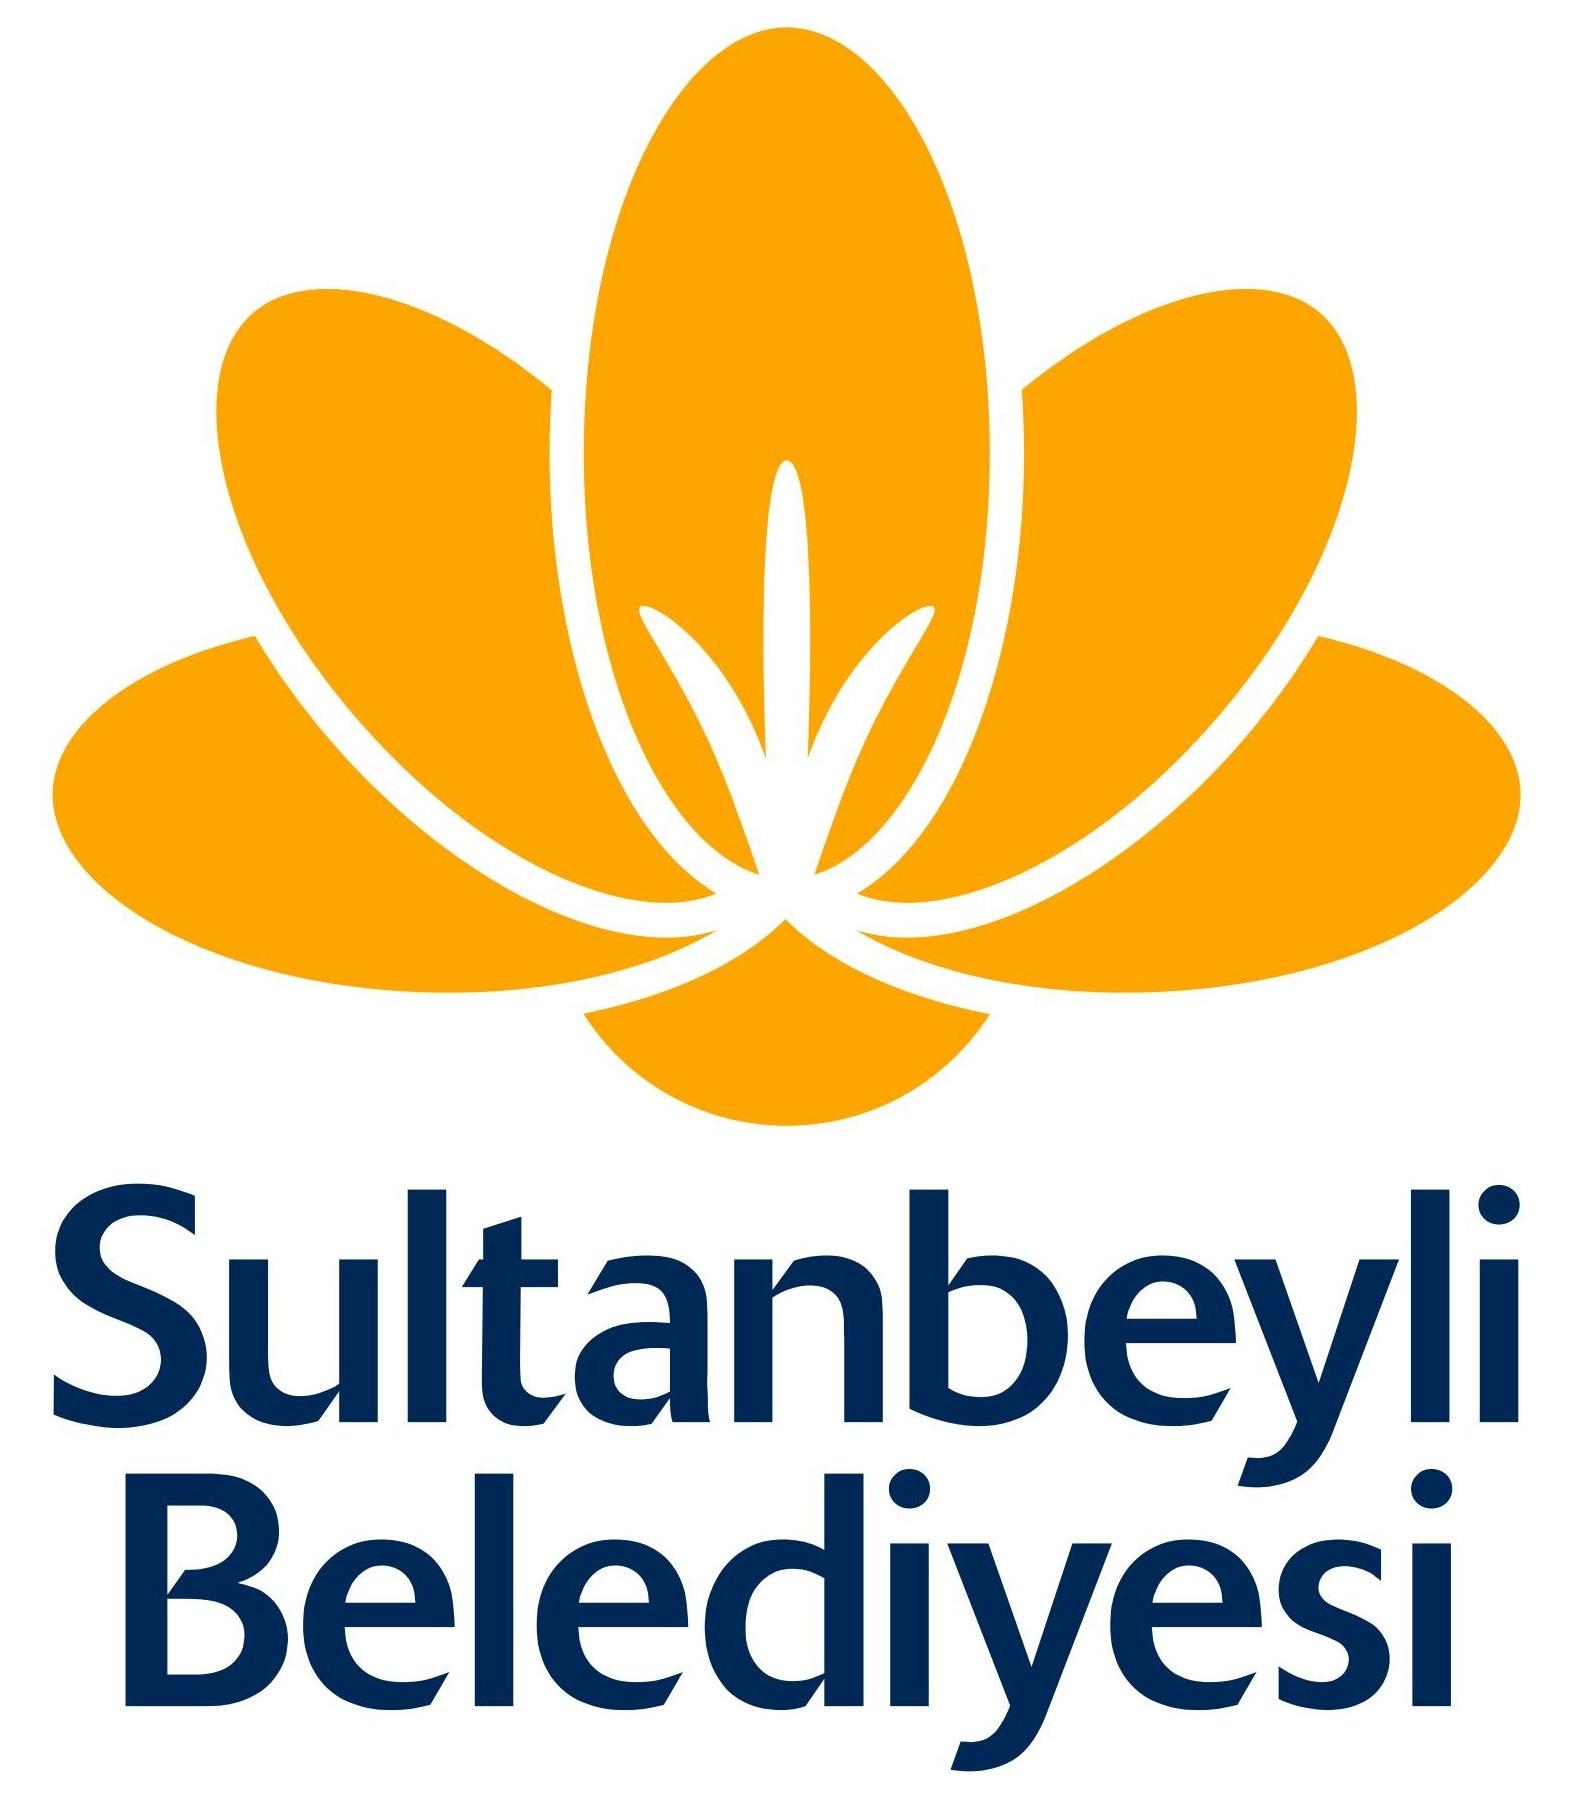 sultanbeyli-belediyesi-logo